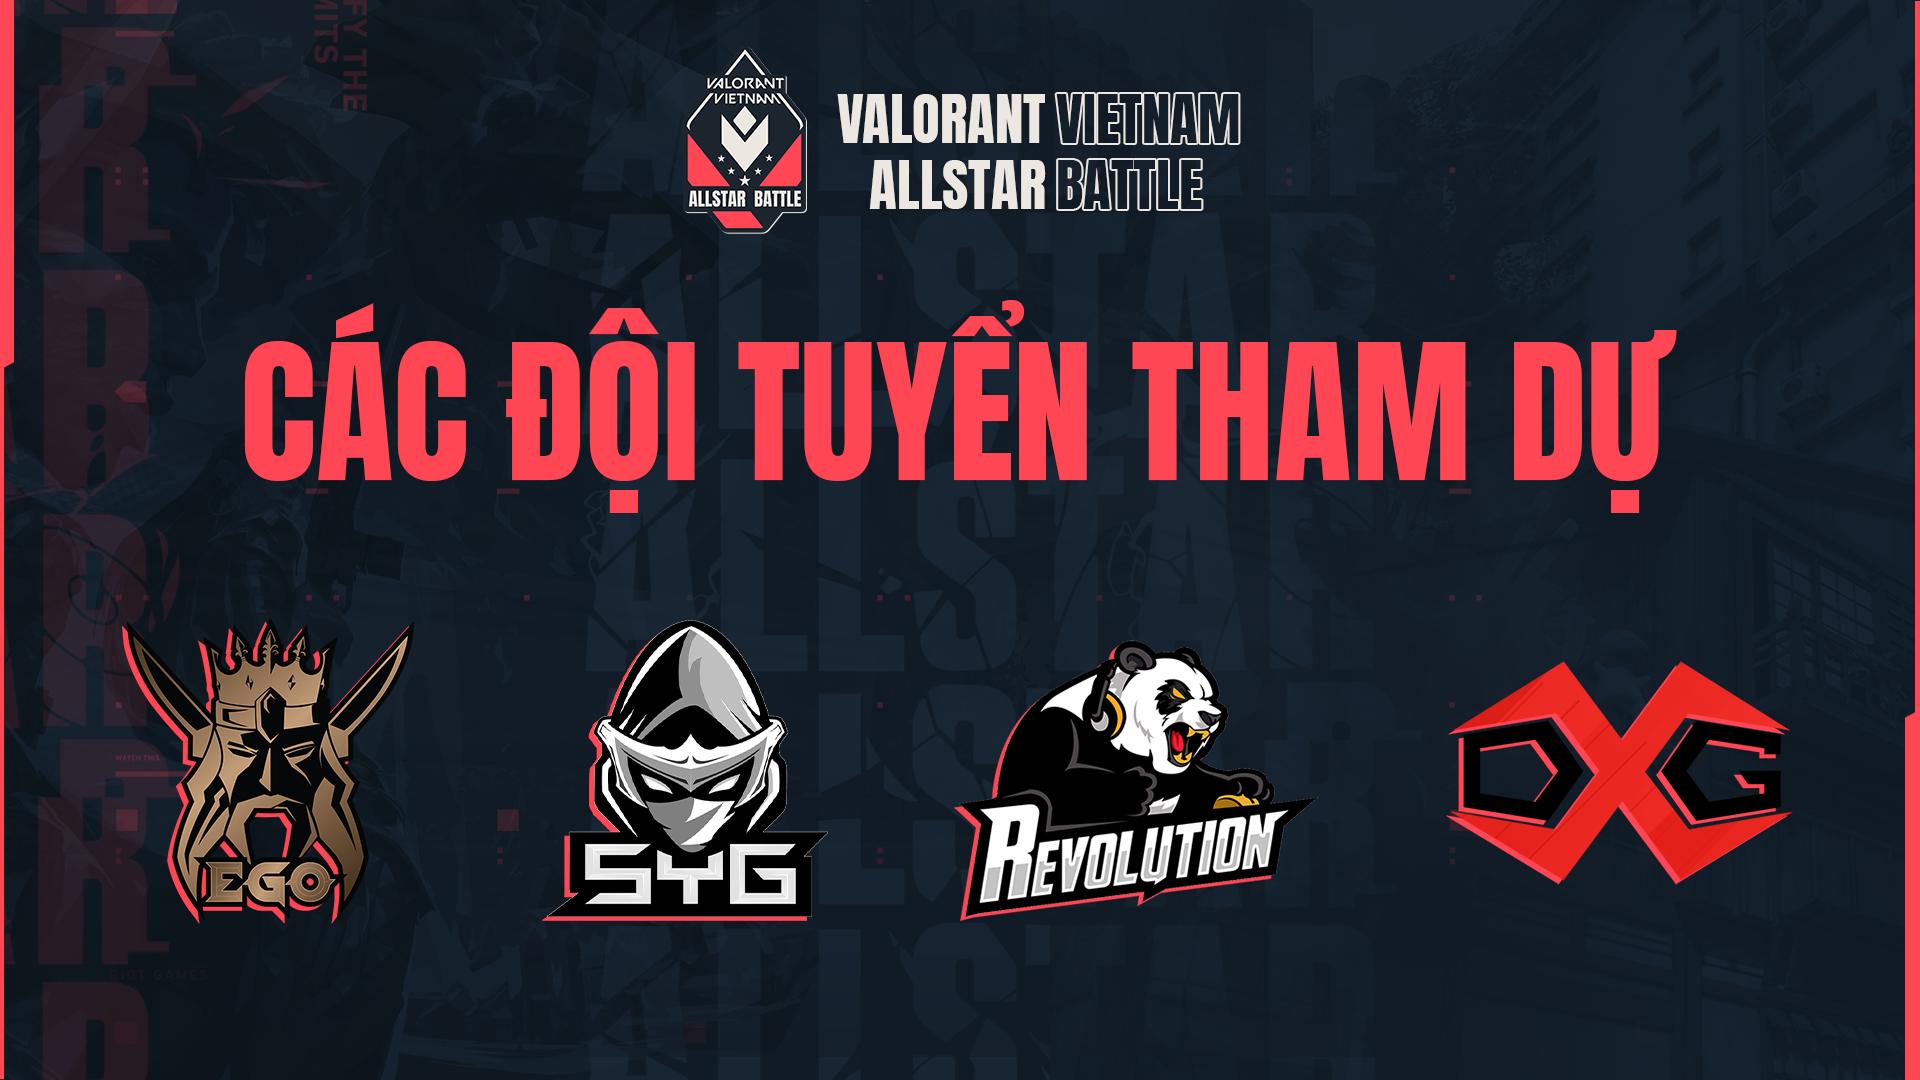 Giải đấu VALORANT VIETNAM ALLSTAR BATTLE chính thức khởi tranh với sự tham dự của những đội tuyển hàng đầu Việt Nam 1